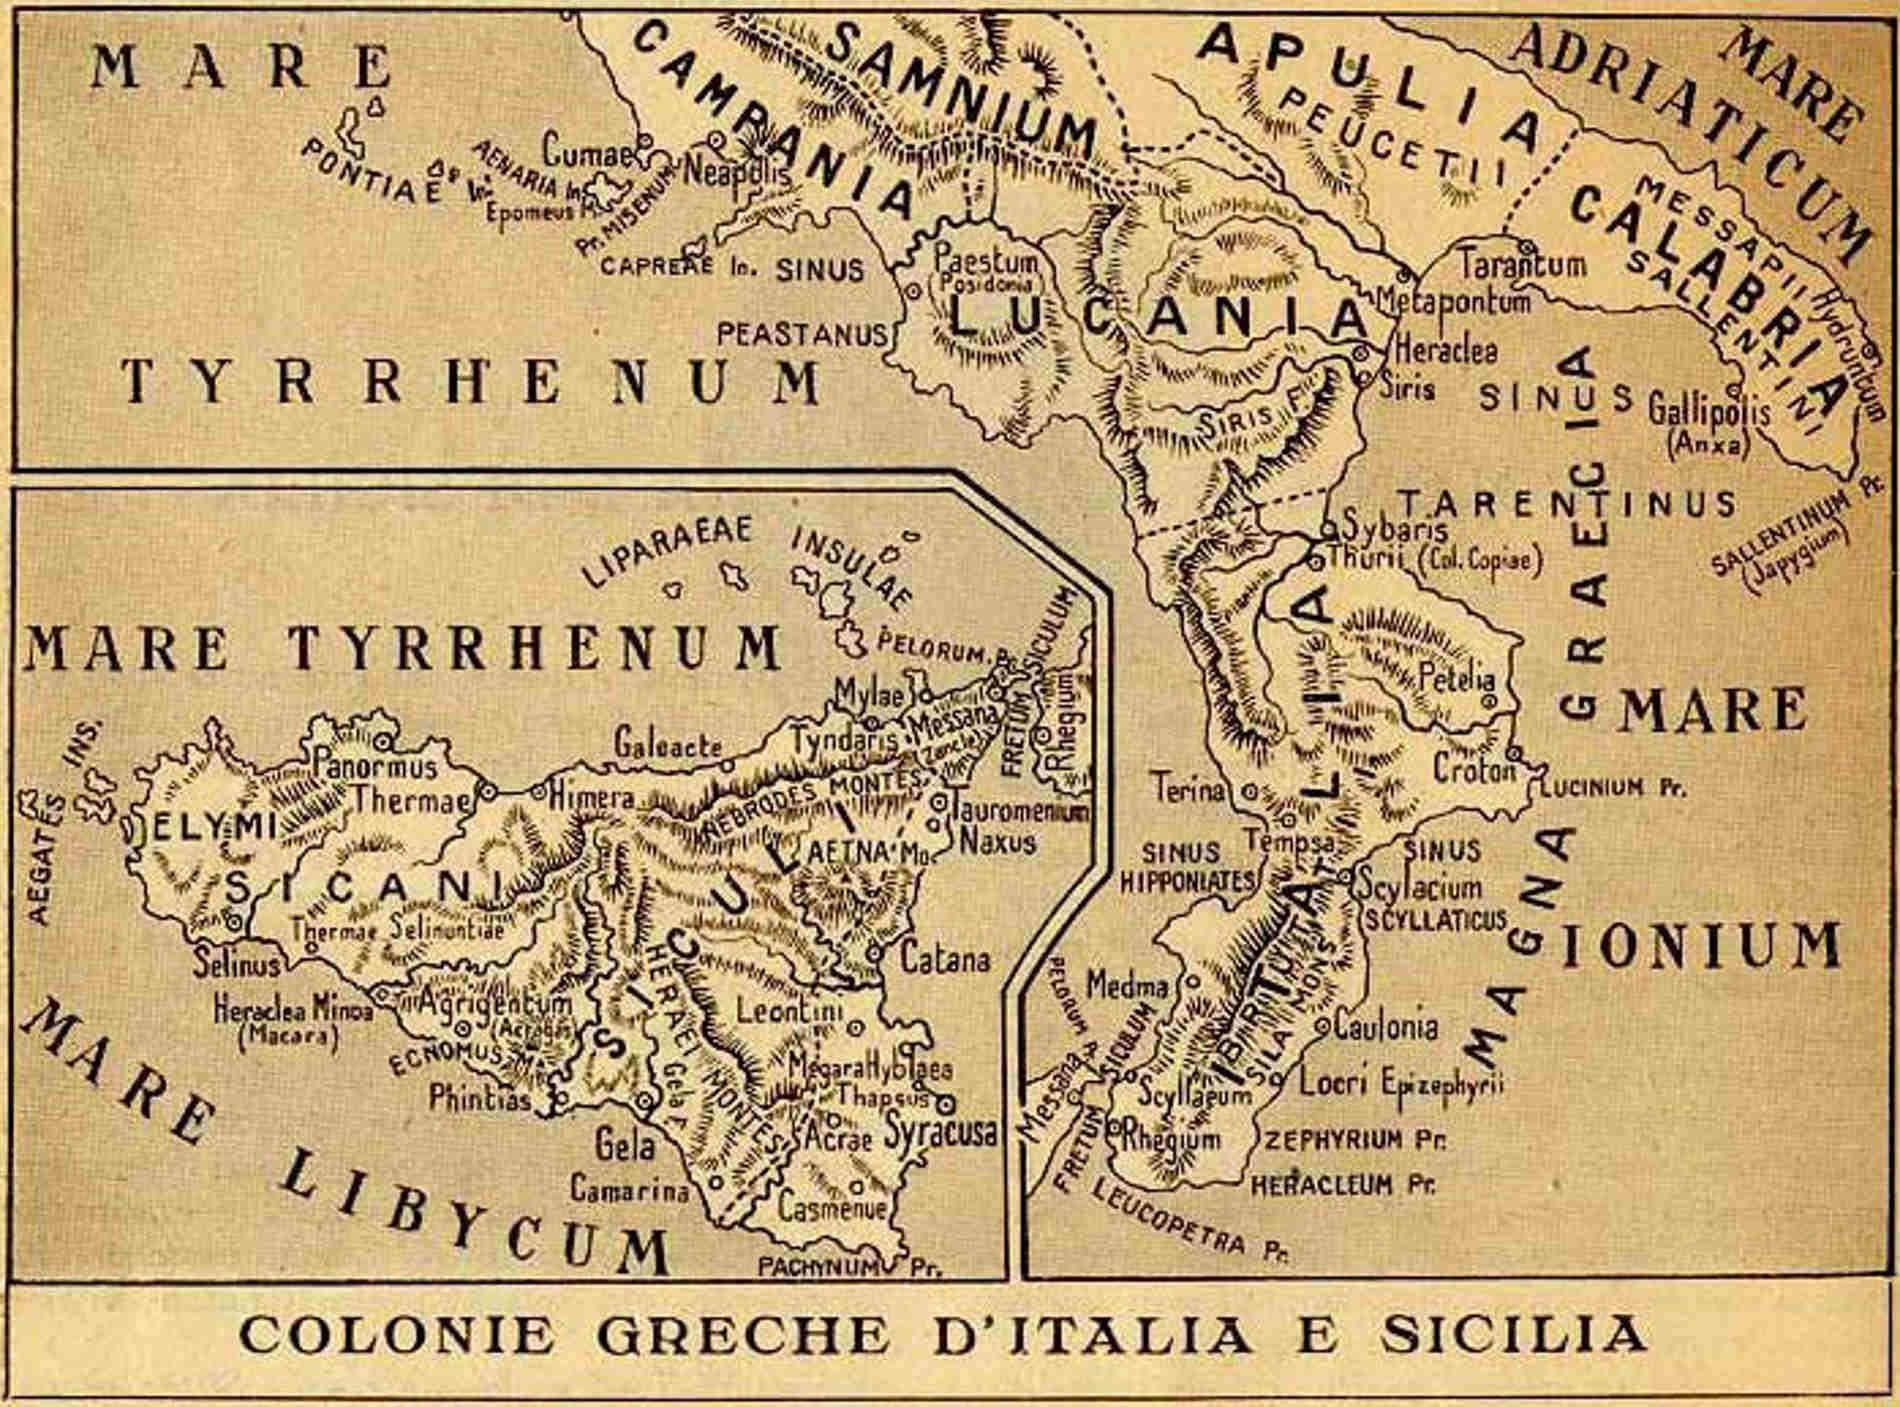 Museo Nazionale della Magna Grecia a Reggio Calabria: mappa delle colonie greche nell'Italia del Sud